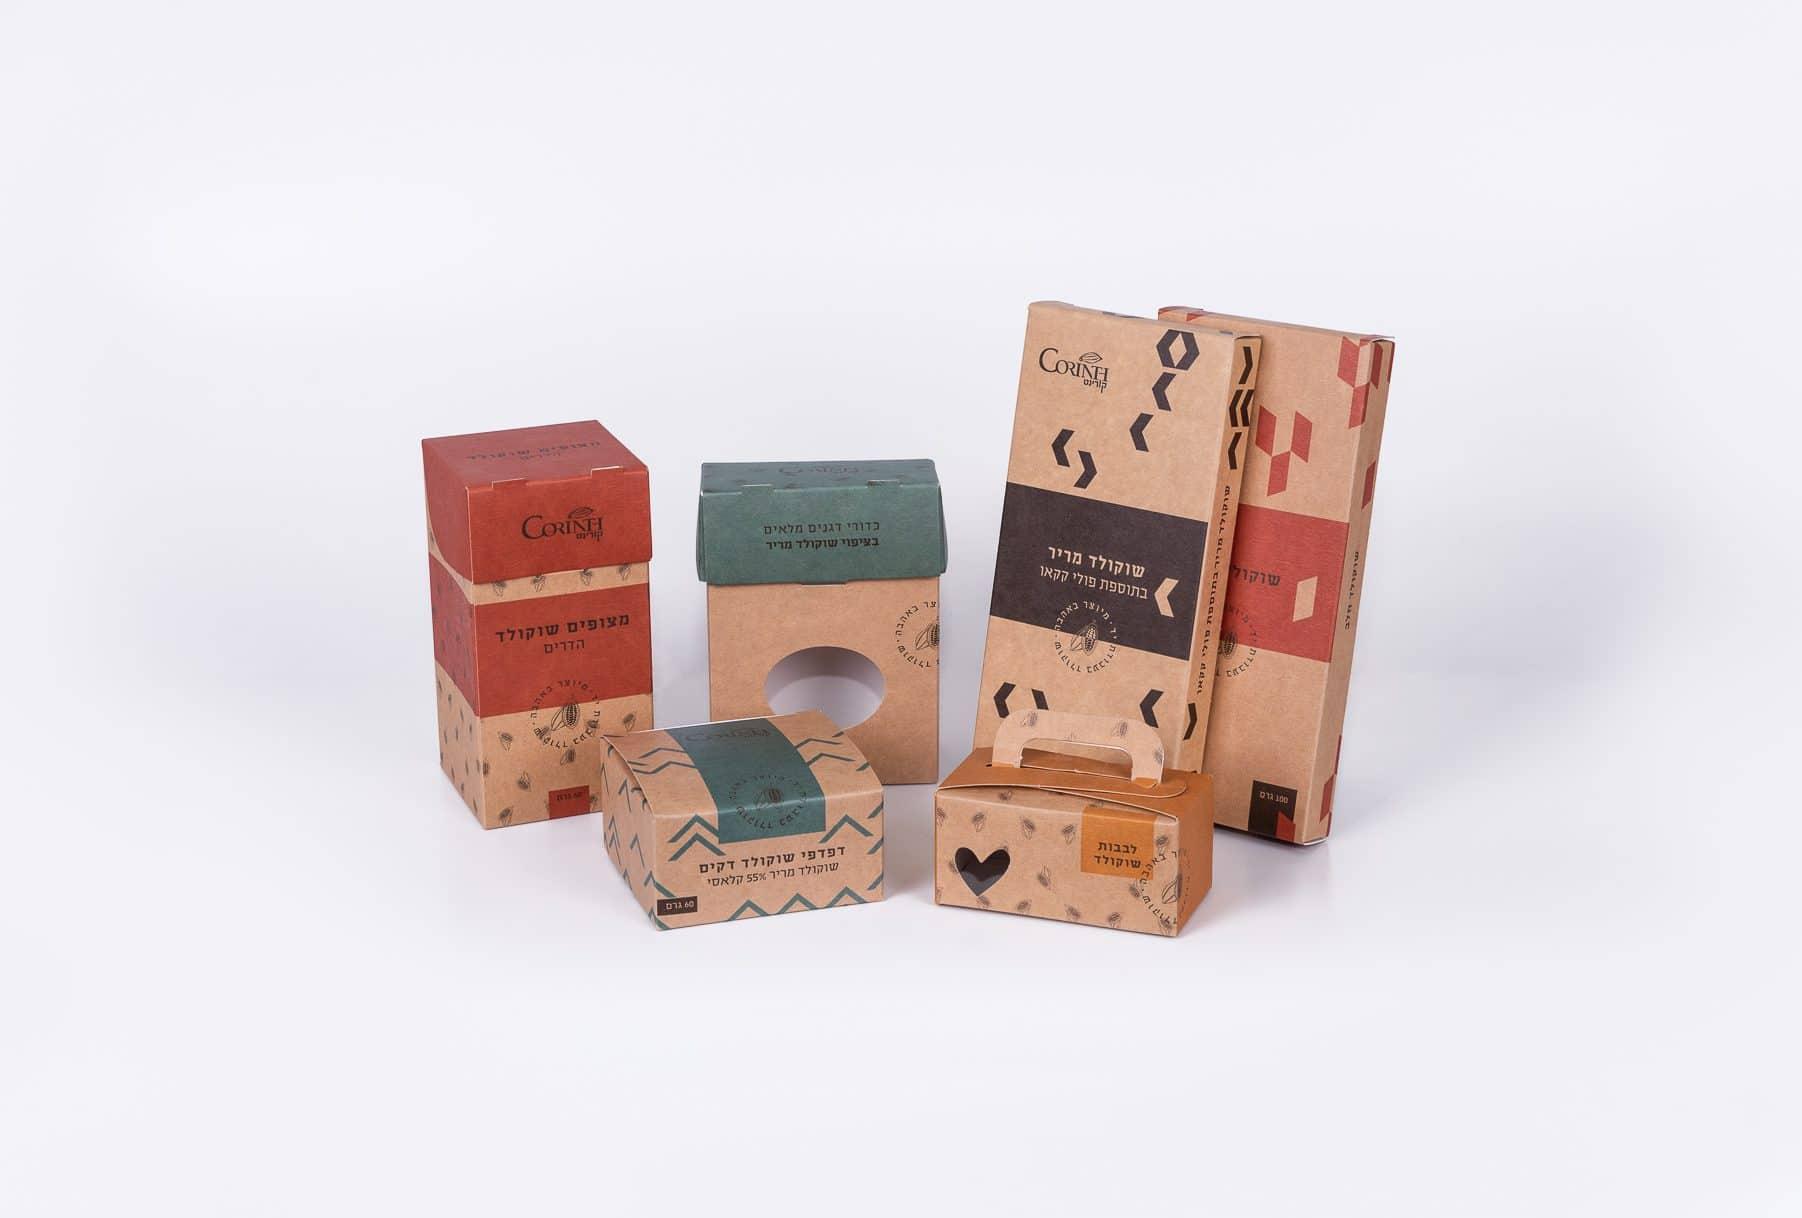 מגוון אריזות שוקולד קורינט מקרטון ייחודי לשמירת המזון. שילוב של צבעי קרטון וצבעים אחרים במארז. ביג ייחודי ושטנצים מיוחדים לקיפול וחיתוך. שילוב של דפוס דיגיטלי ודפוס אופסט להדפסה